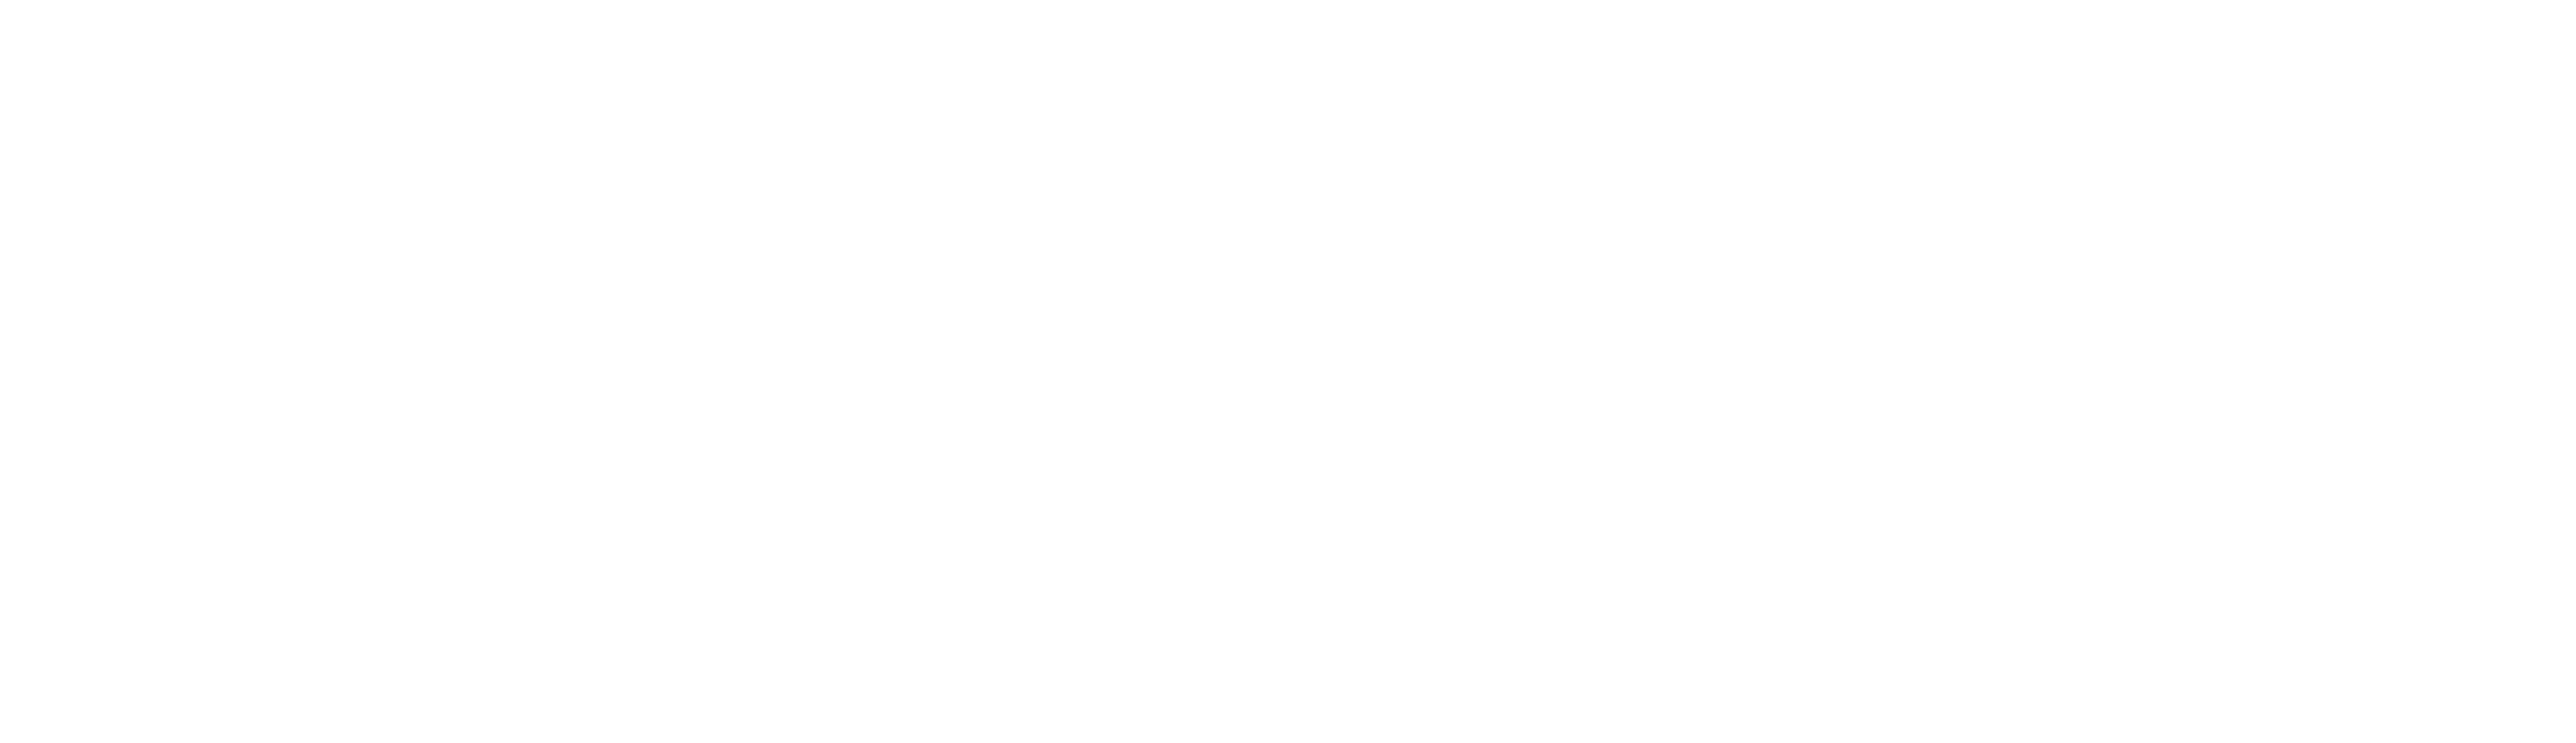 Der Gummi